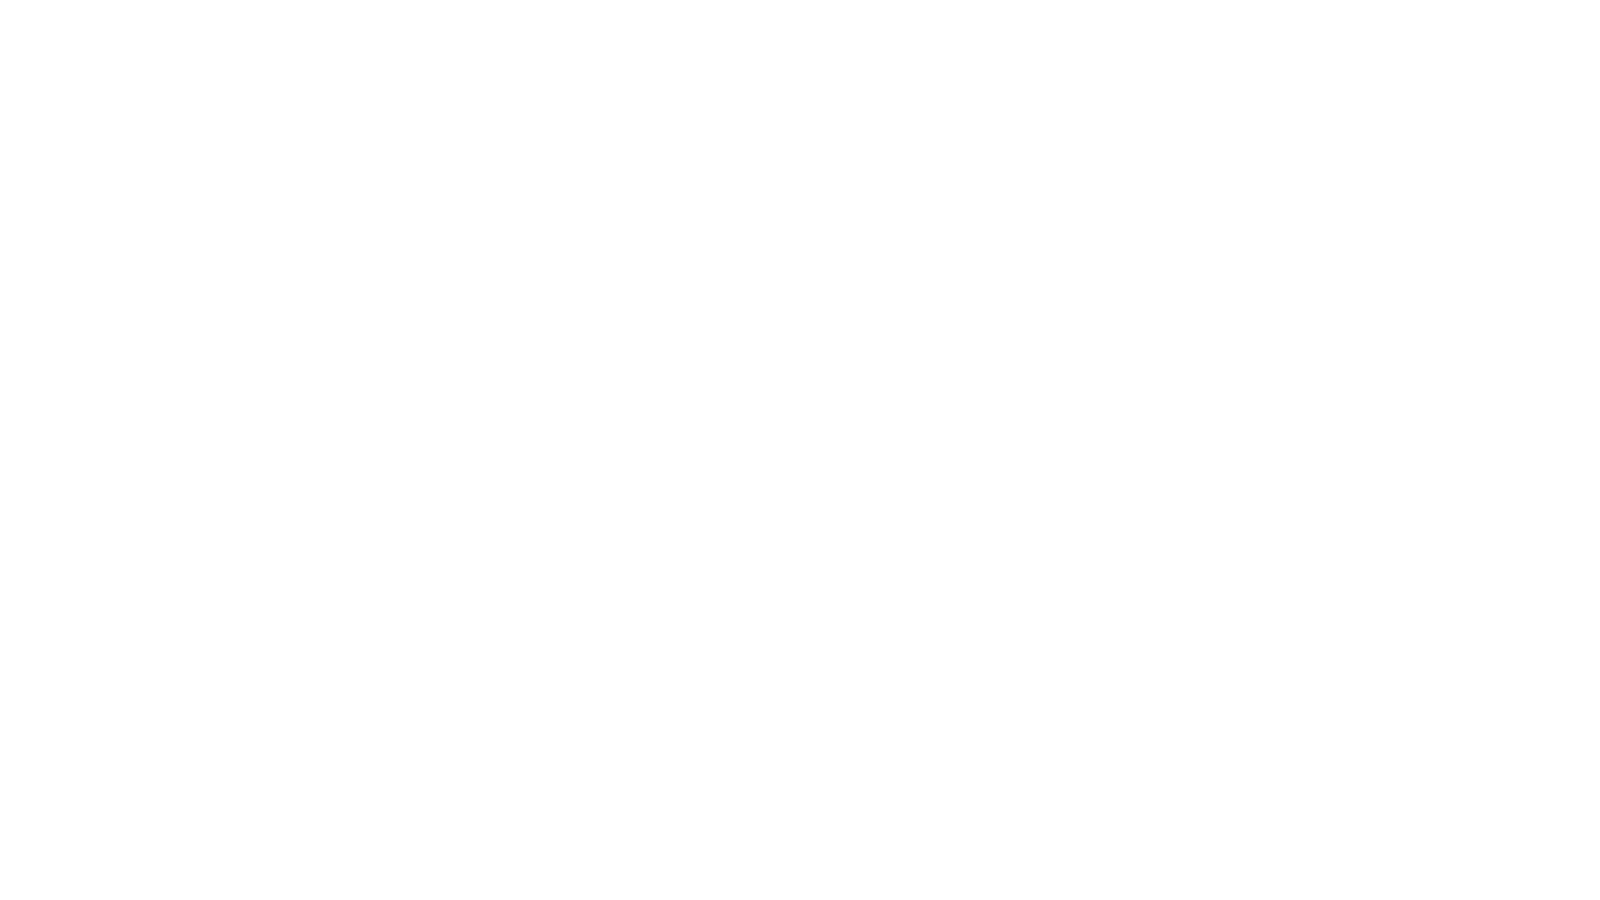 """""""LesDirectsDeMonTerritoire"""", média de proximité et de partage donne la parole au CHRONOBEAUTE - Le premier contre (sans) la montre de Montreuil Cet évènement est organisé par les associations de la Petite Reine👑 de Montreuil, Paris en Selle Montreuil🚴♀️ et la Marbrerie🎉  Il s'inscrit dans le cadre de la Fête de la Petite Reine #5  moyenstechniques @LeGrosDirect Cette œuvre vidéo et sonore est la propriété de @LeGrosDIrect #estensemble #live #societe #divertissement #actu"""